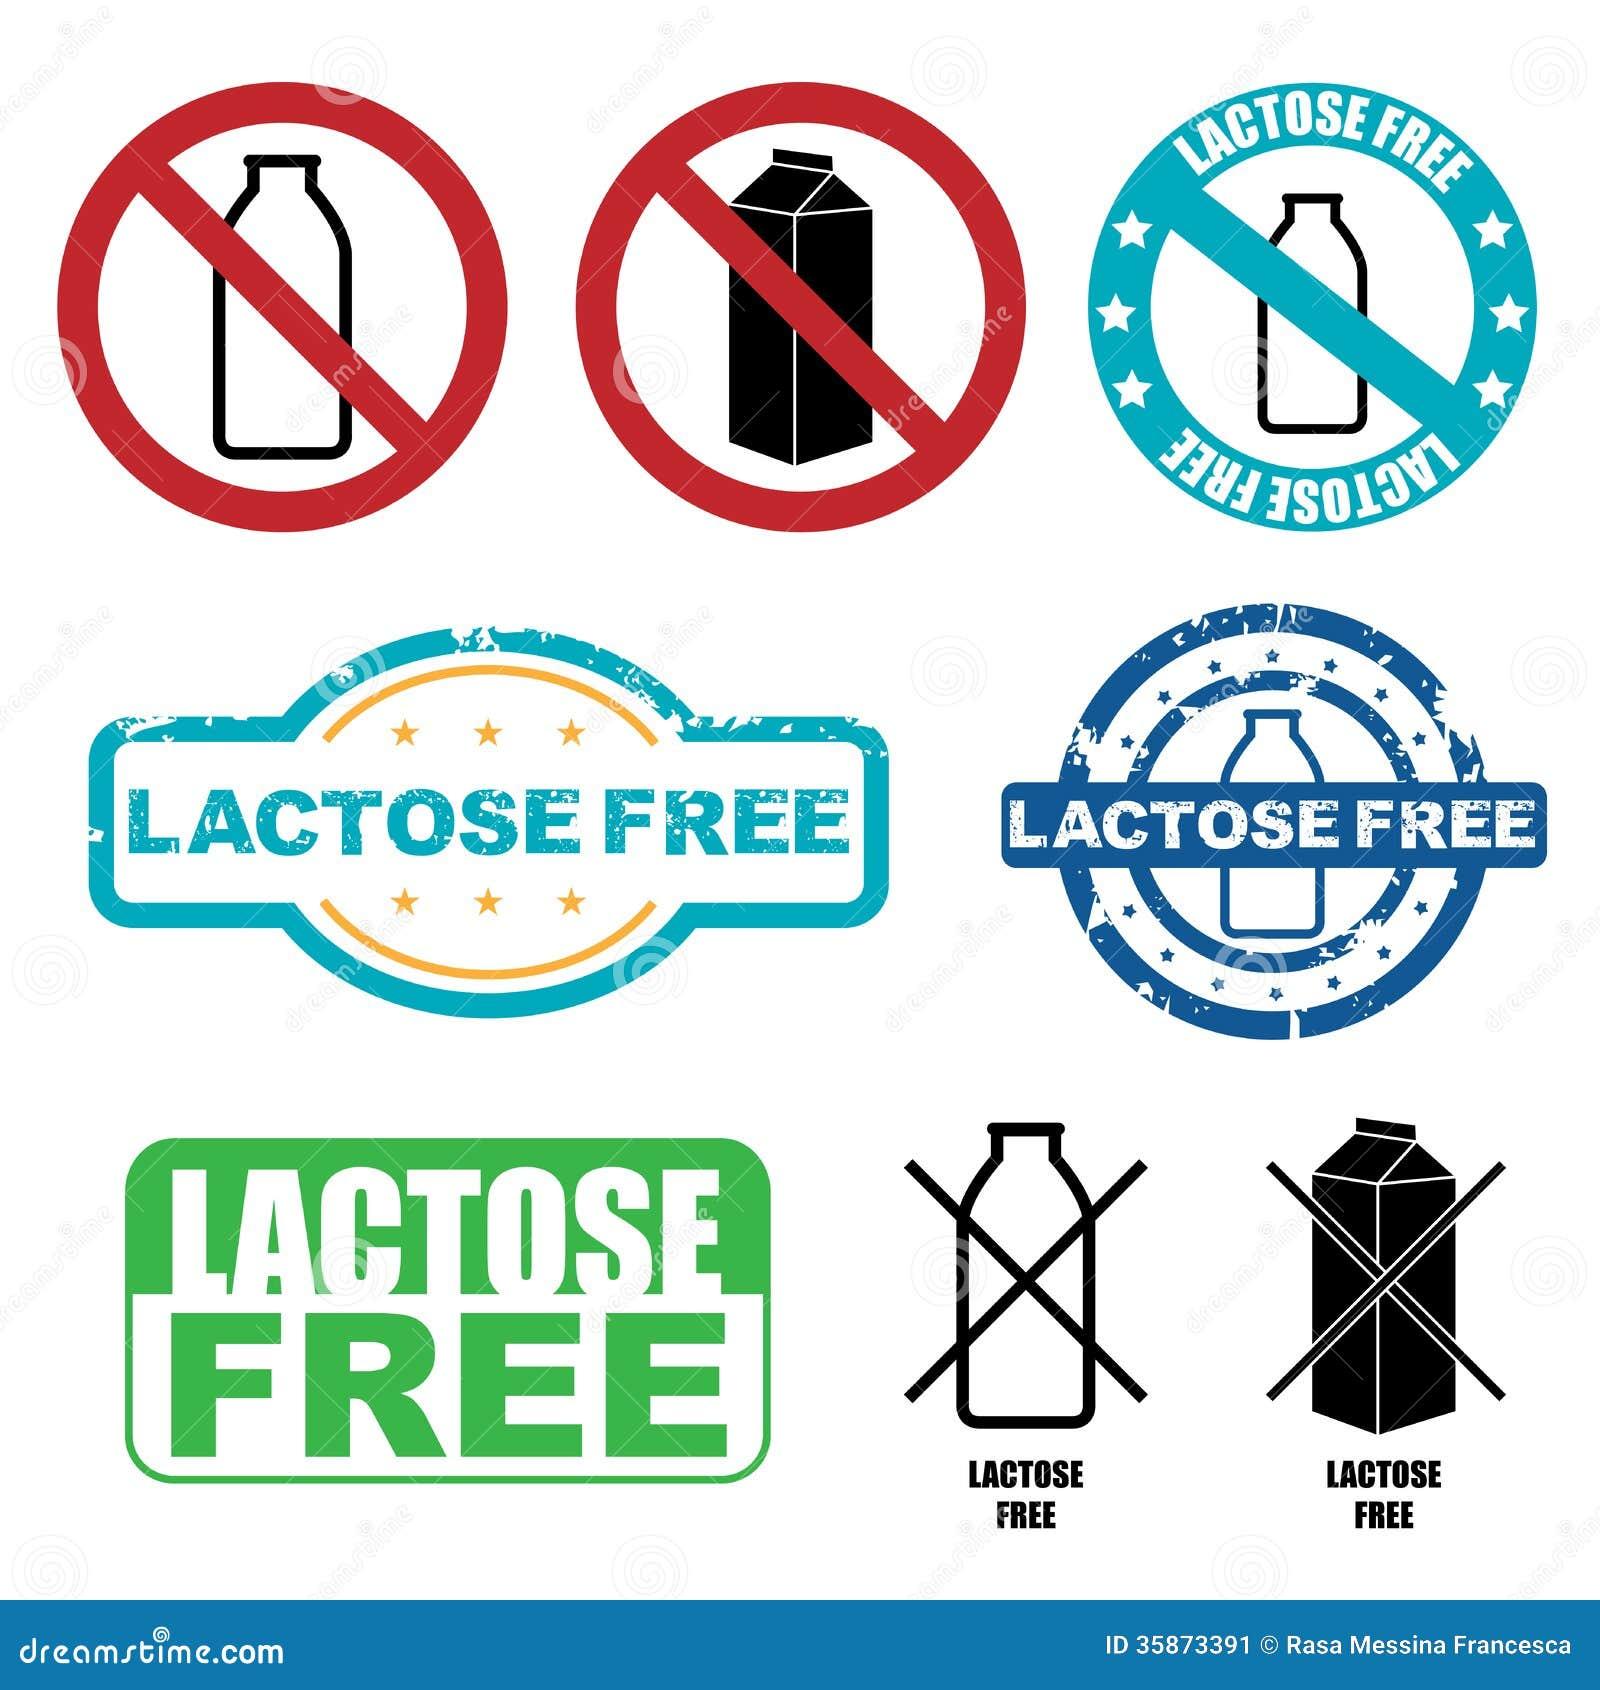 Set of lactose free symbols isolated on white background.